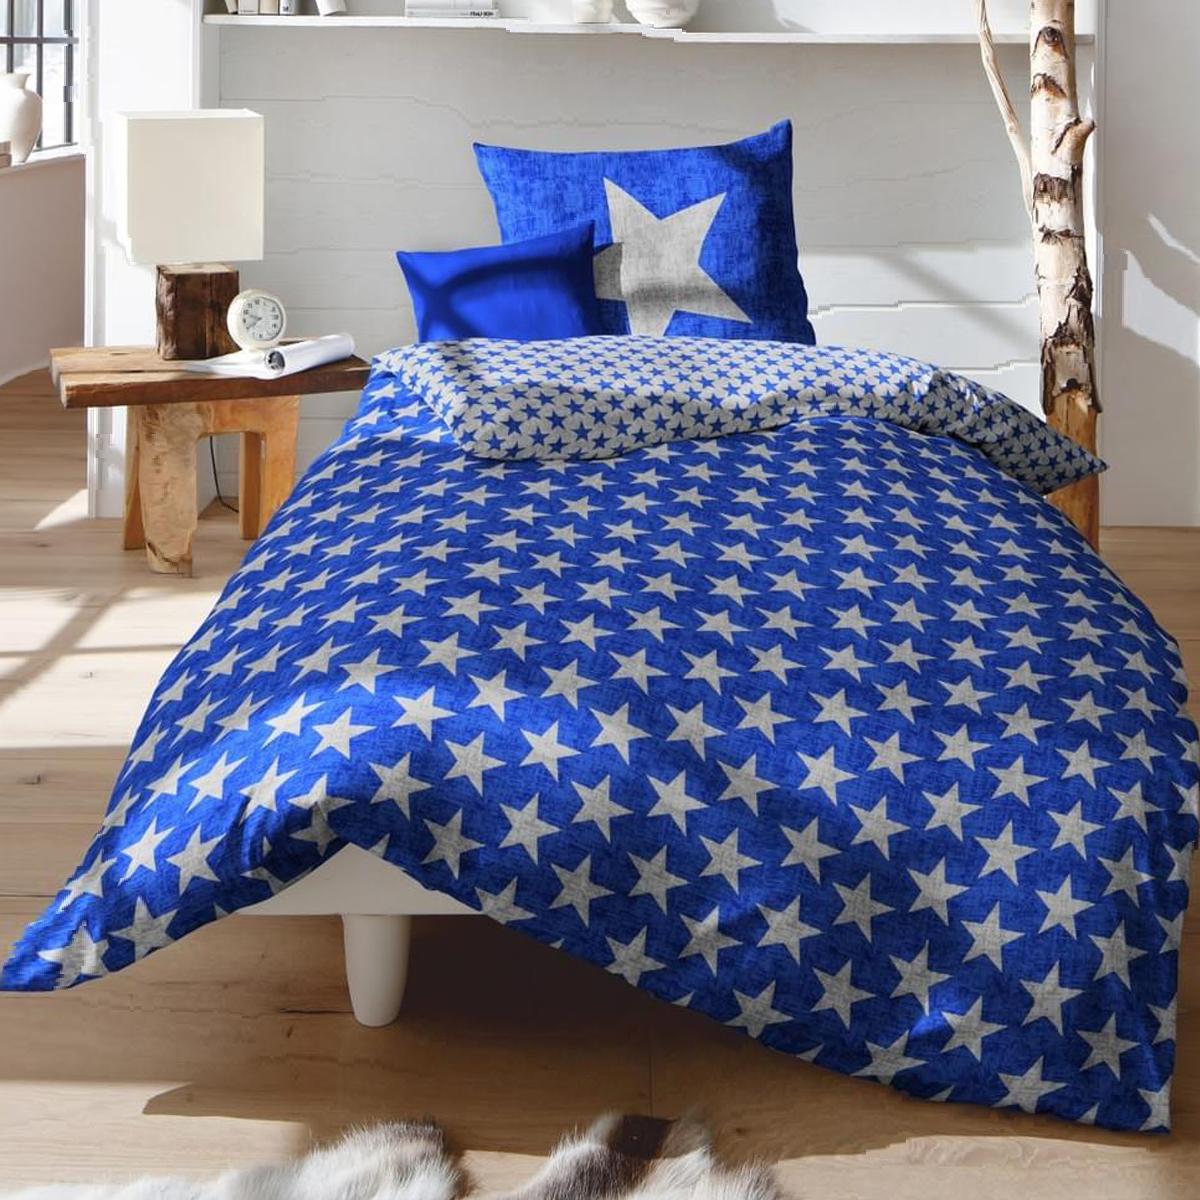 fleuresse biber wendebettw sche davos blau sterne mit rei verschluss ebay. Black Bedroom Furniture Sets. Home Design Ideas